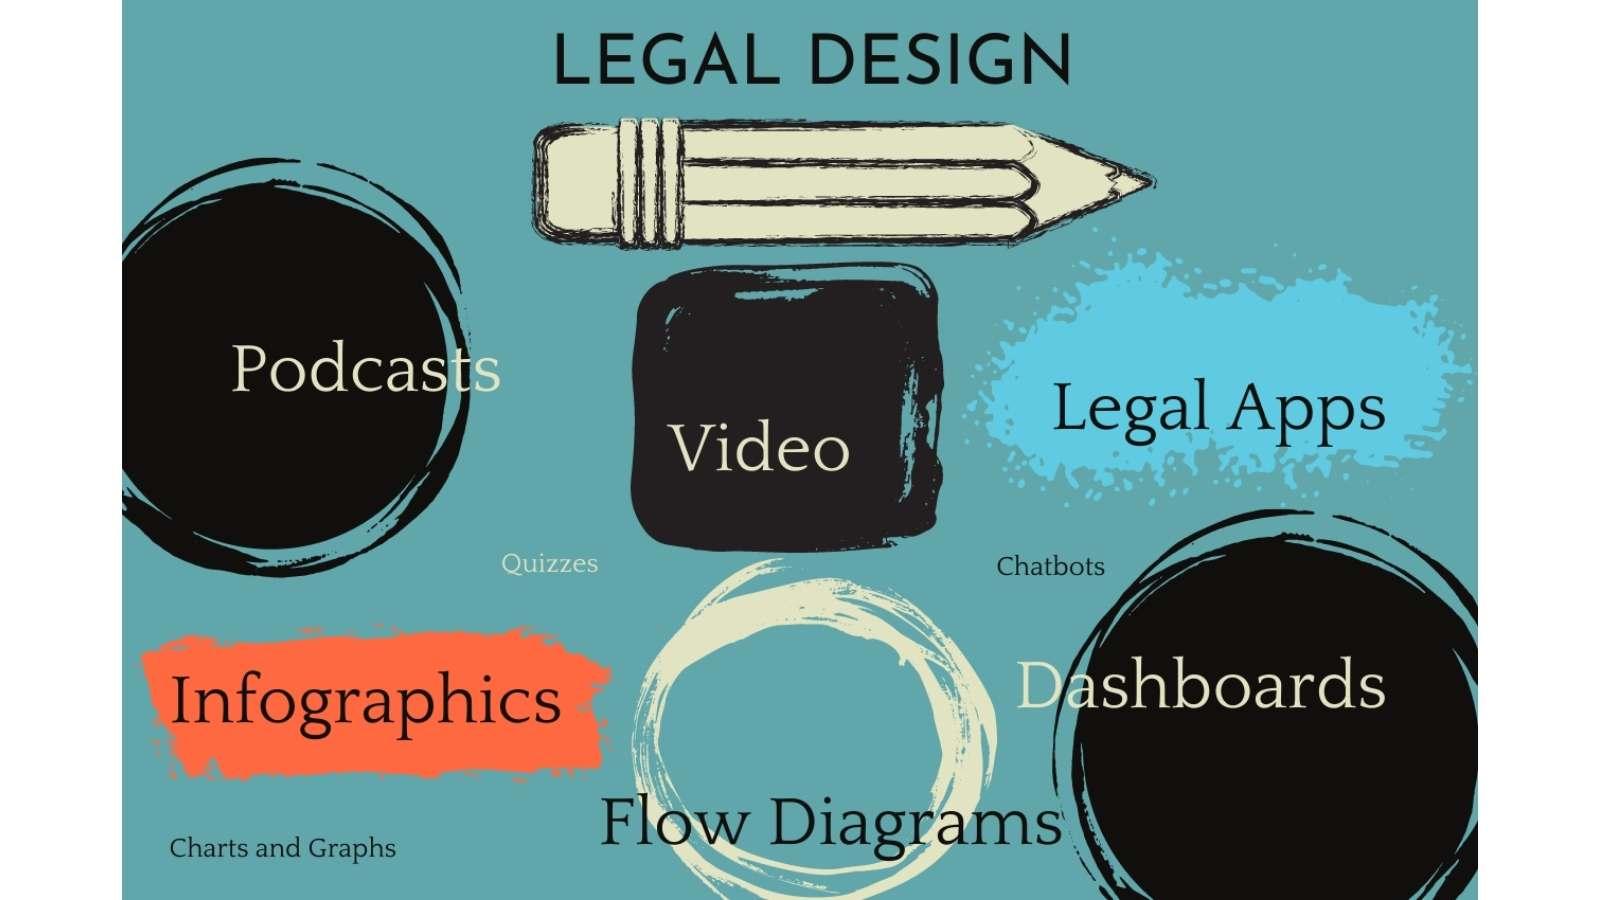 Legal design elements